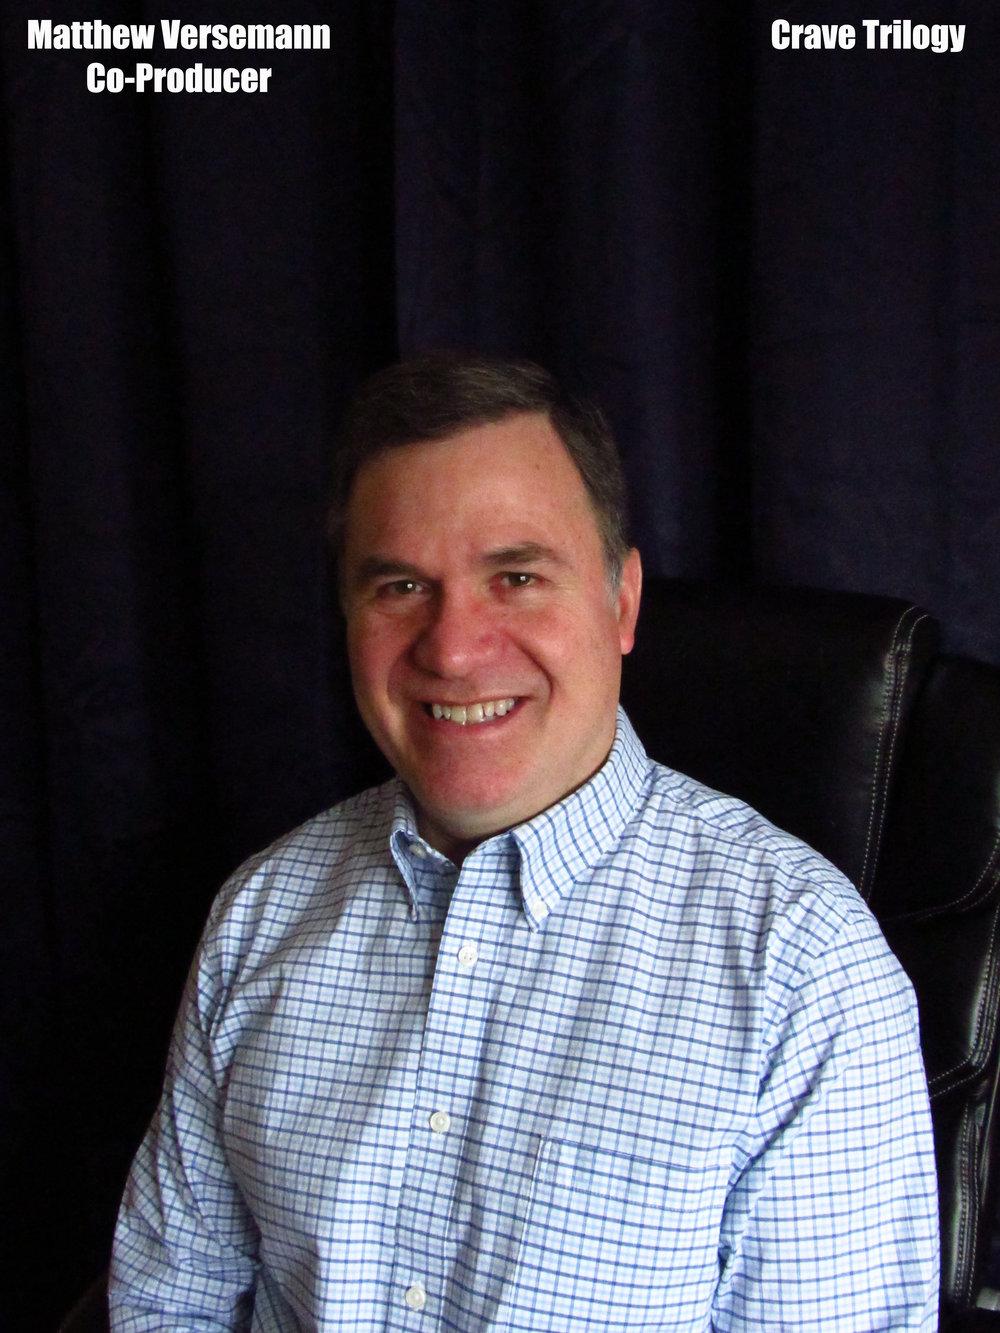 Matthew Versemann - Producer